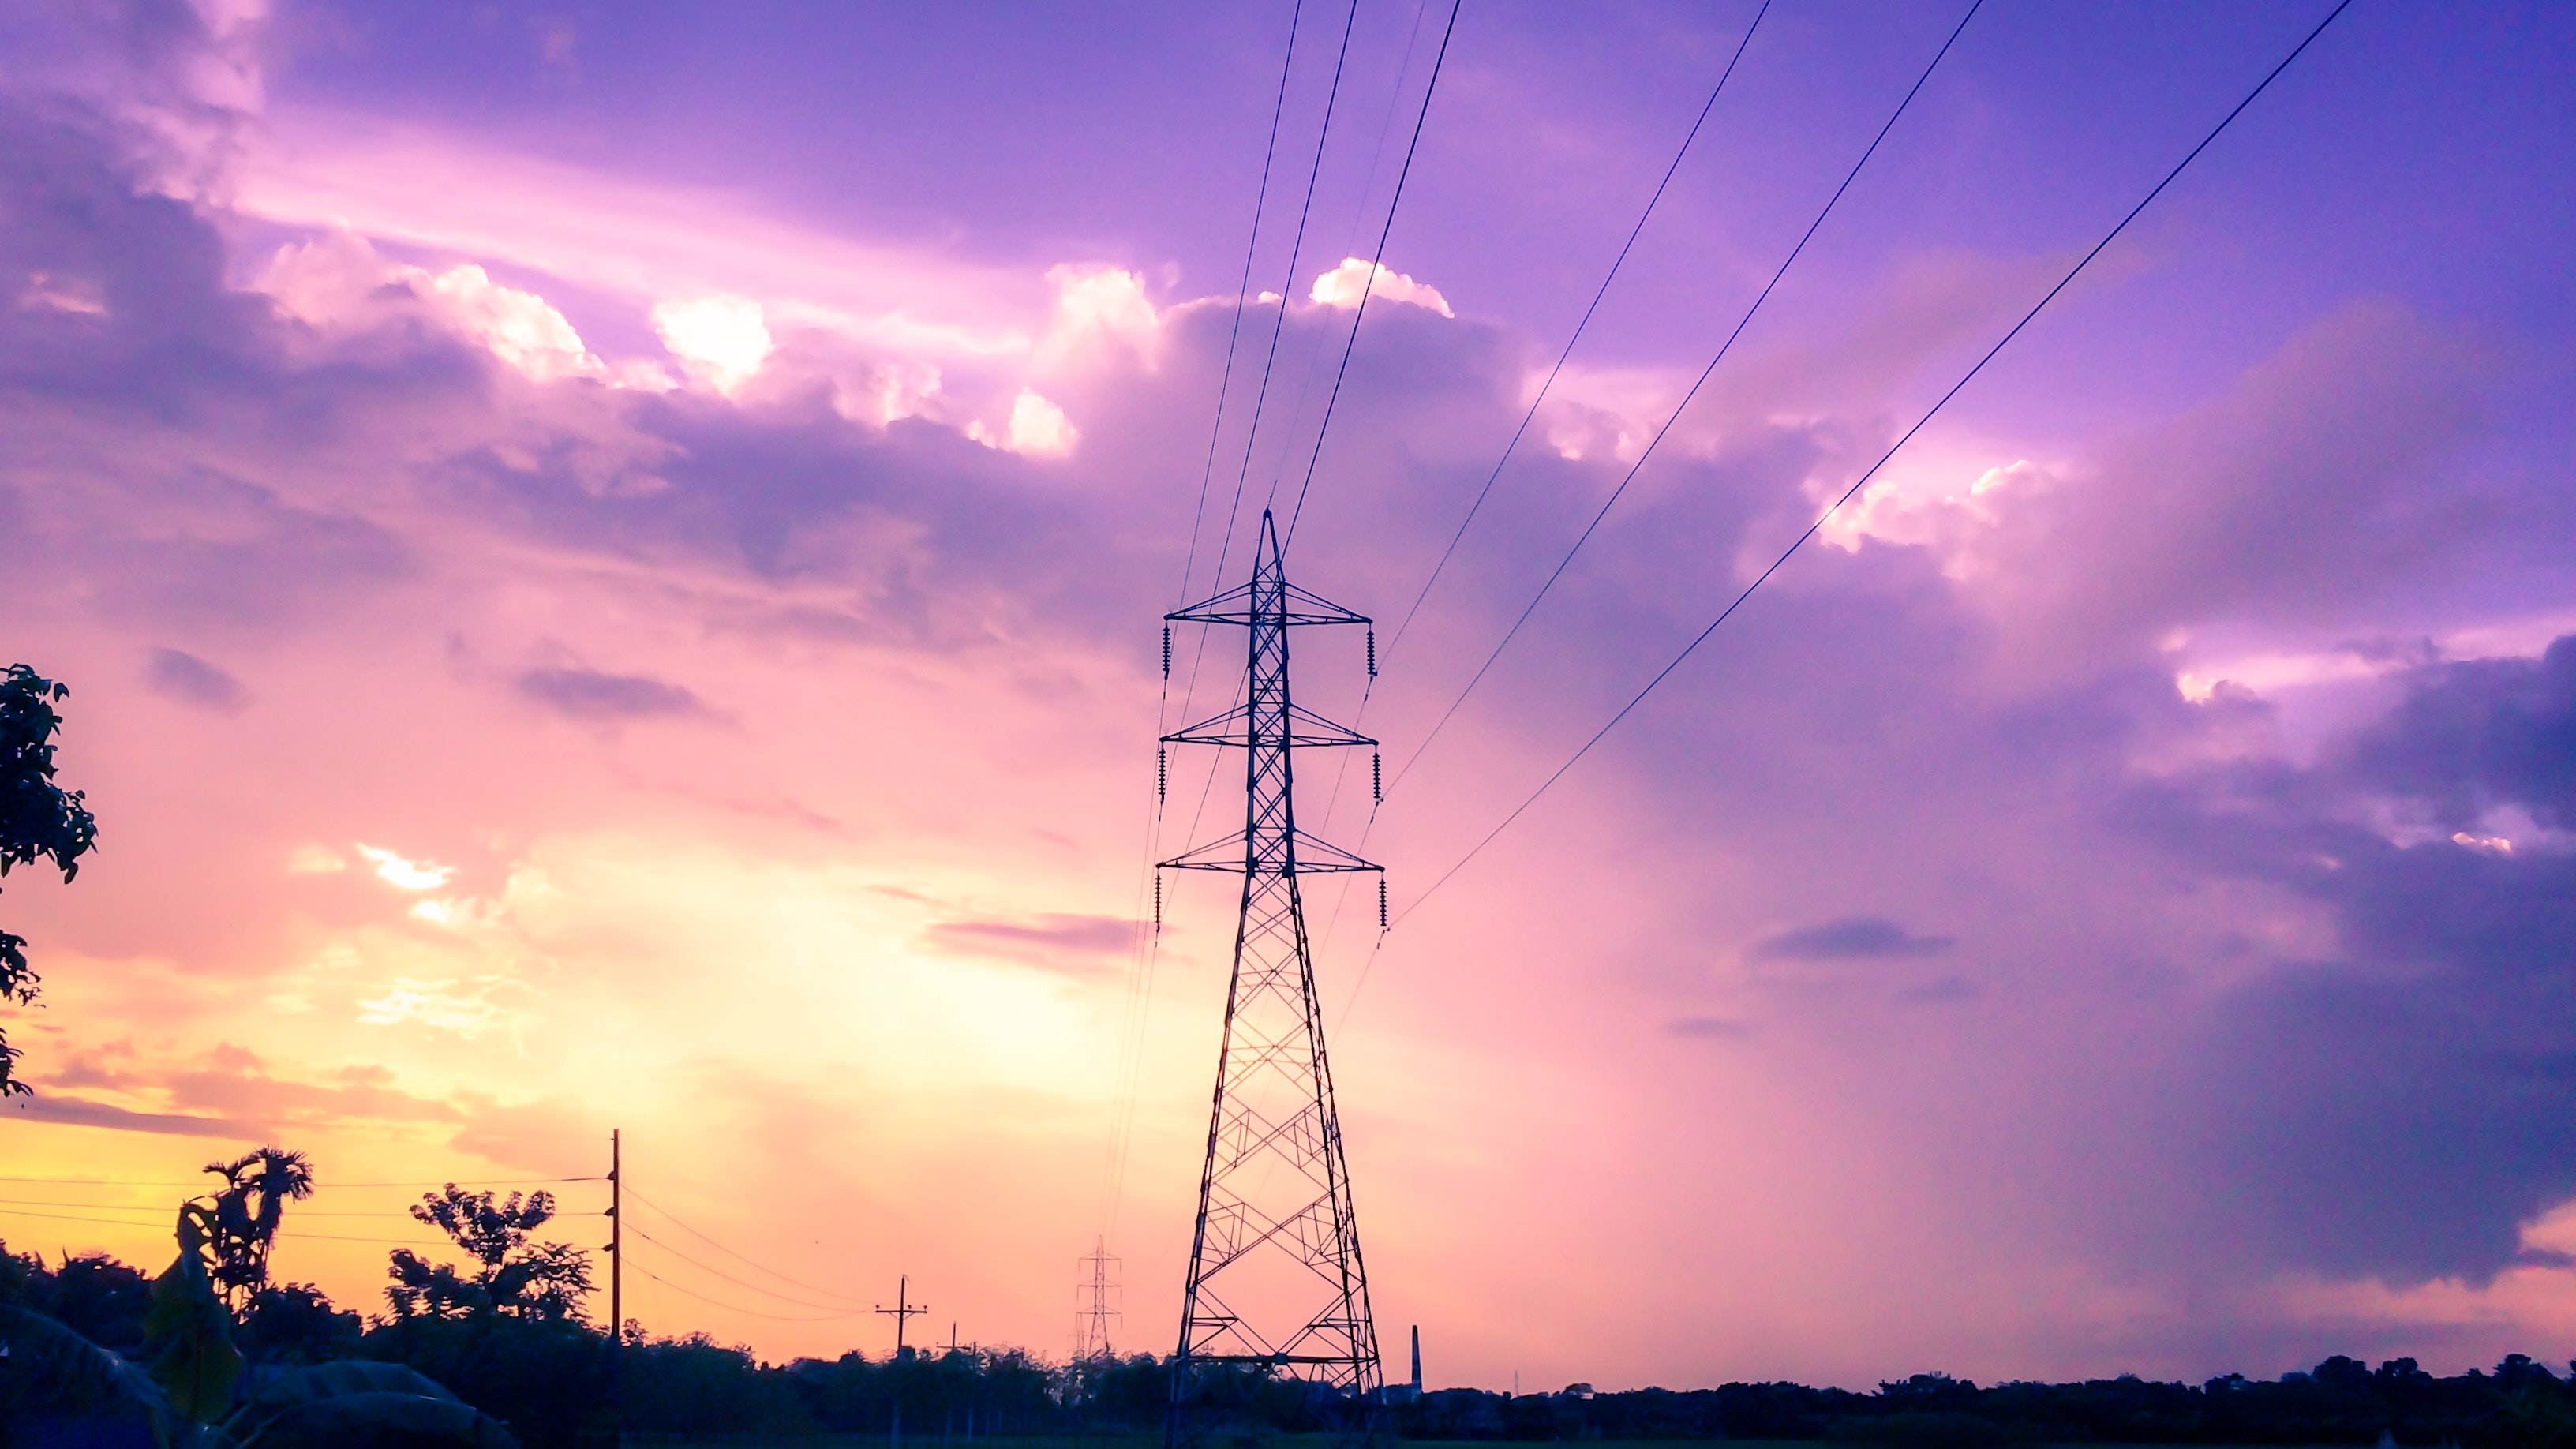 clouds-current-dawn-923953.jpg (3264×1836)